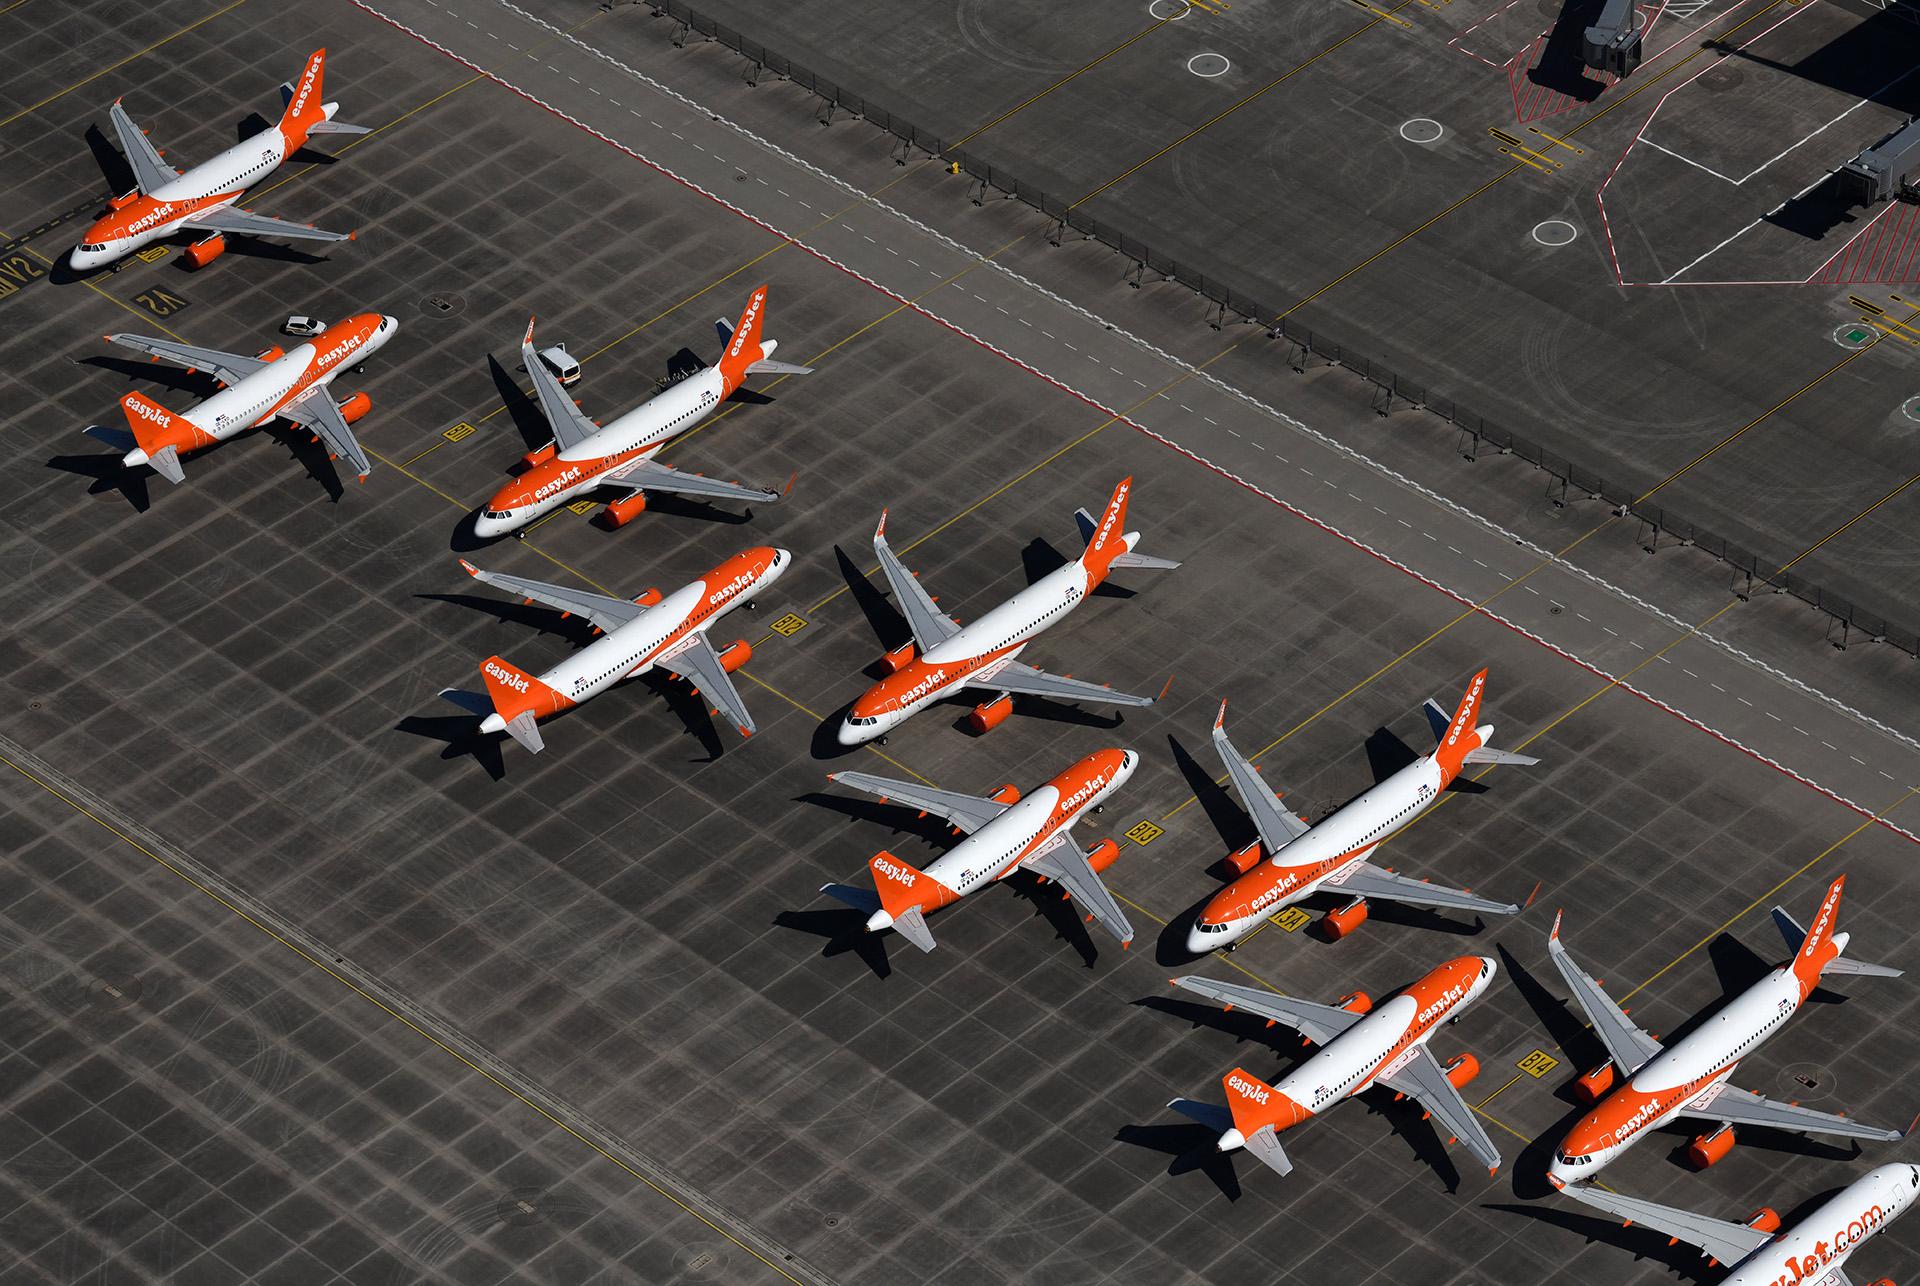 Az easyJet légitársaság gépei